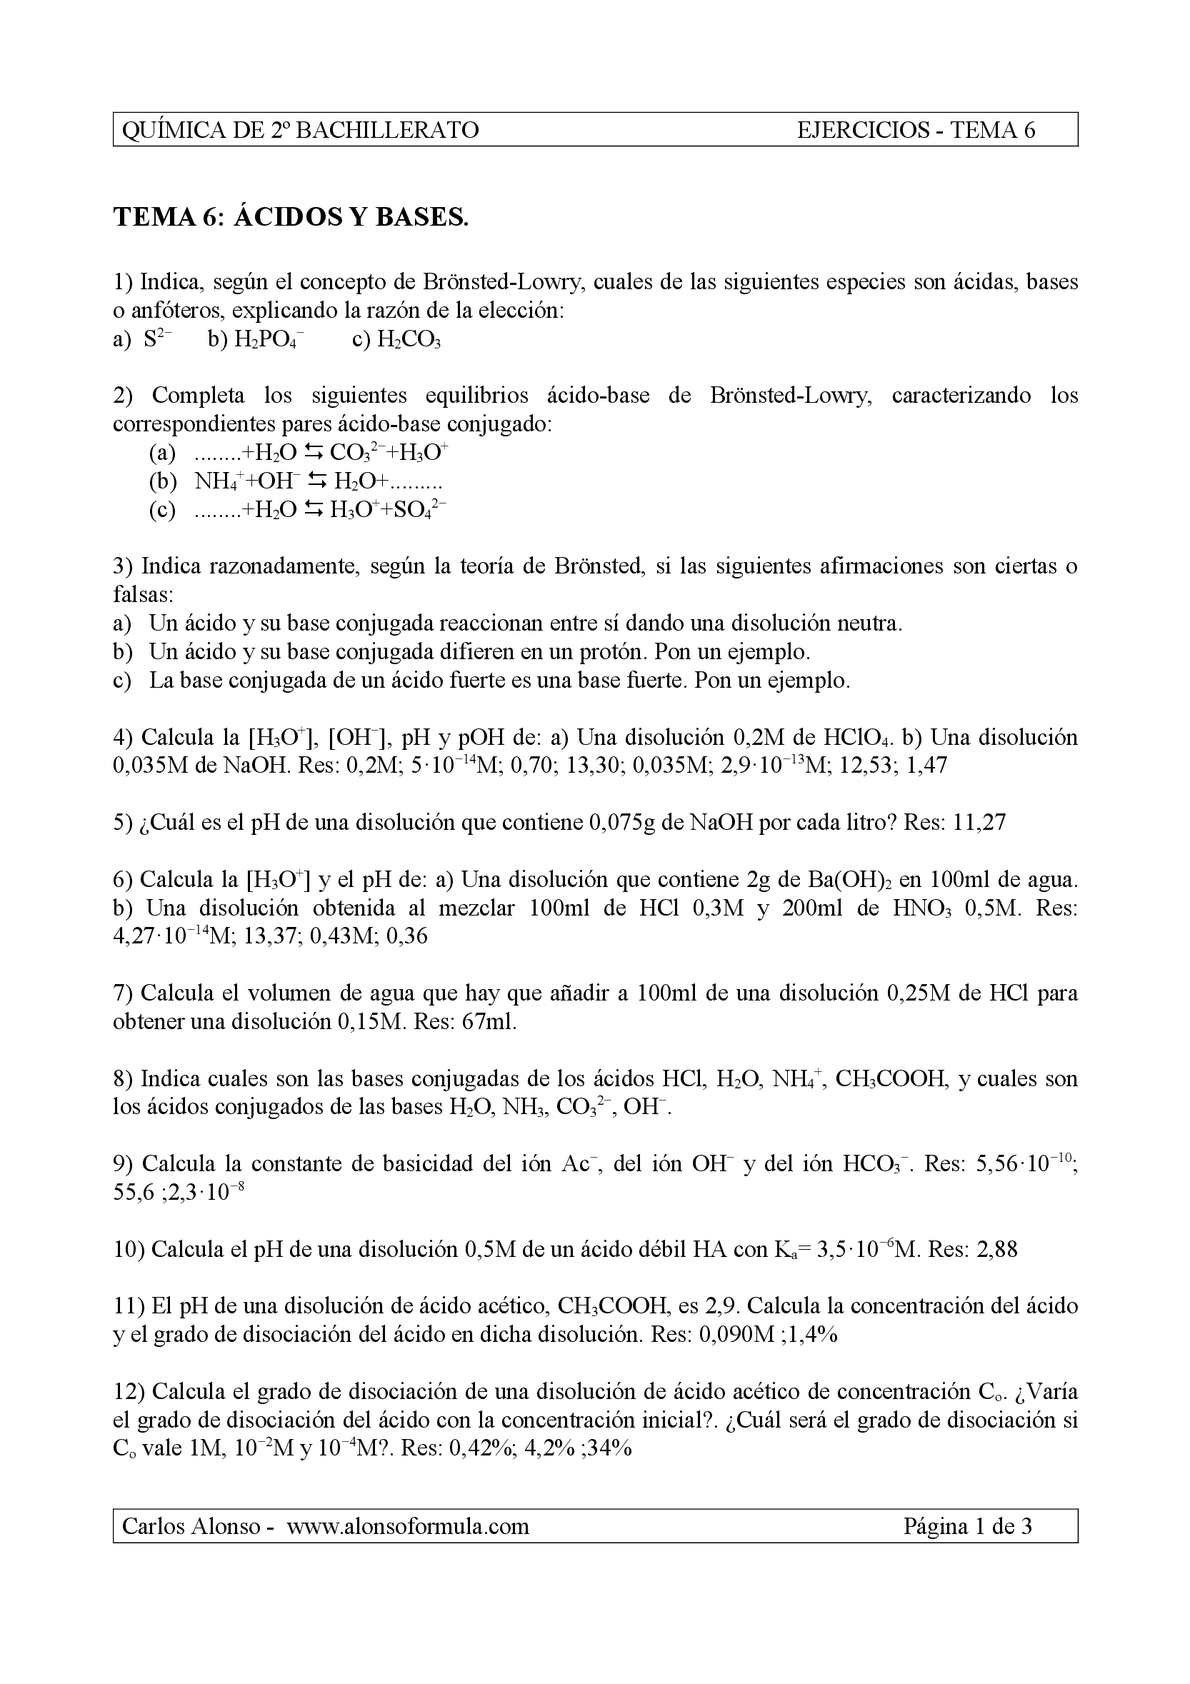 Calaméo - Ejercicios ácido-base